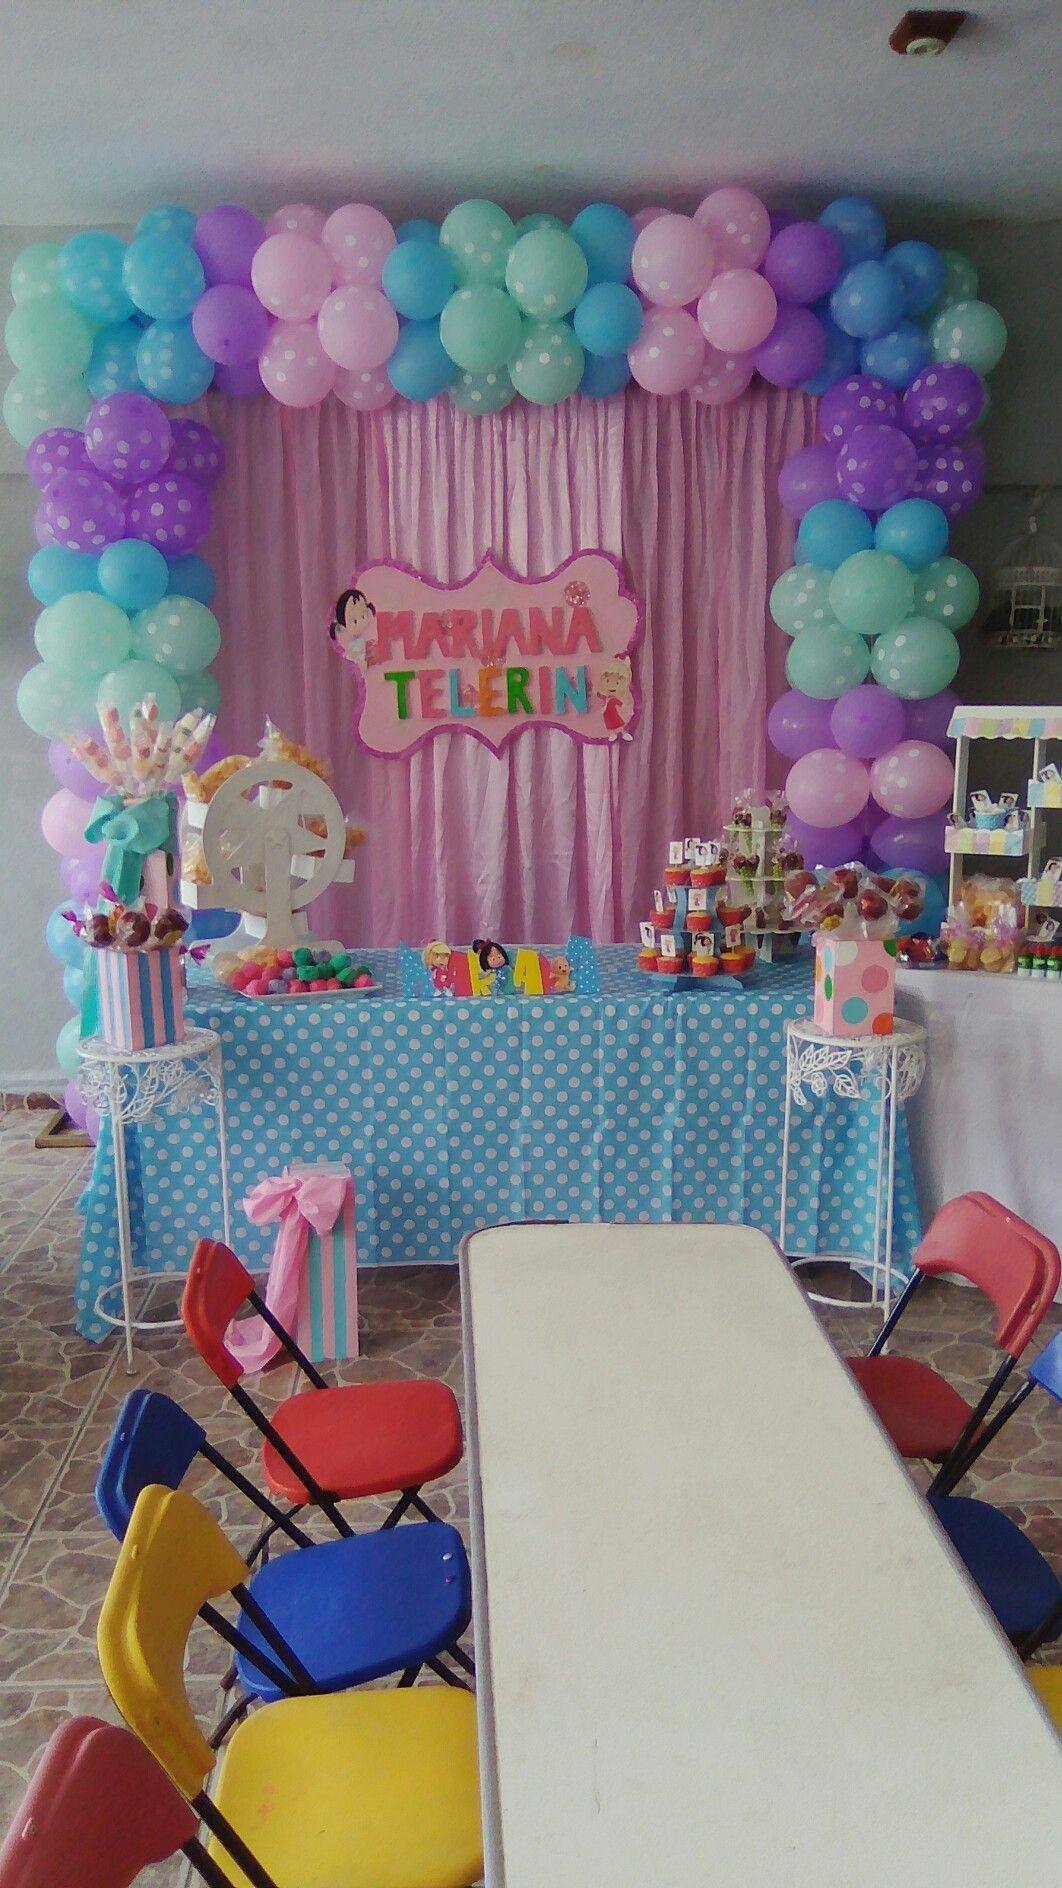 La Familia Telerin Decoracion Fiesta Cumpleanos Fiestas De Cumpleanos De Bebe Temas De Fiesta De Cumpleanos